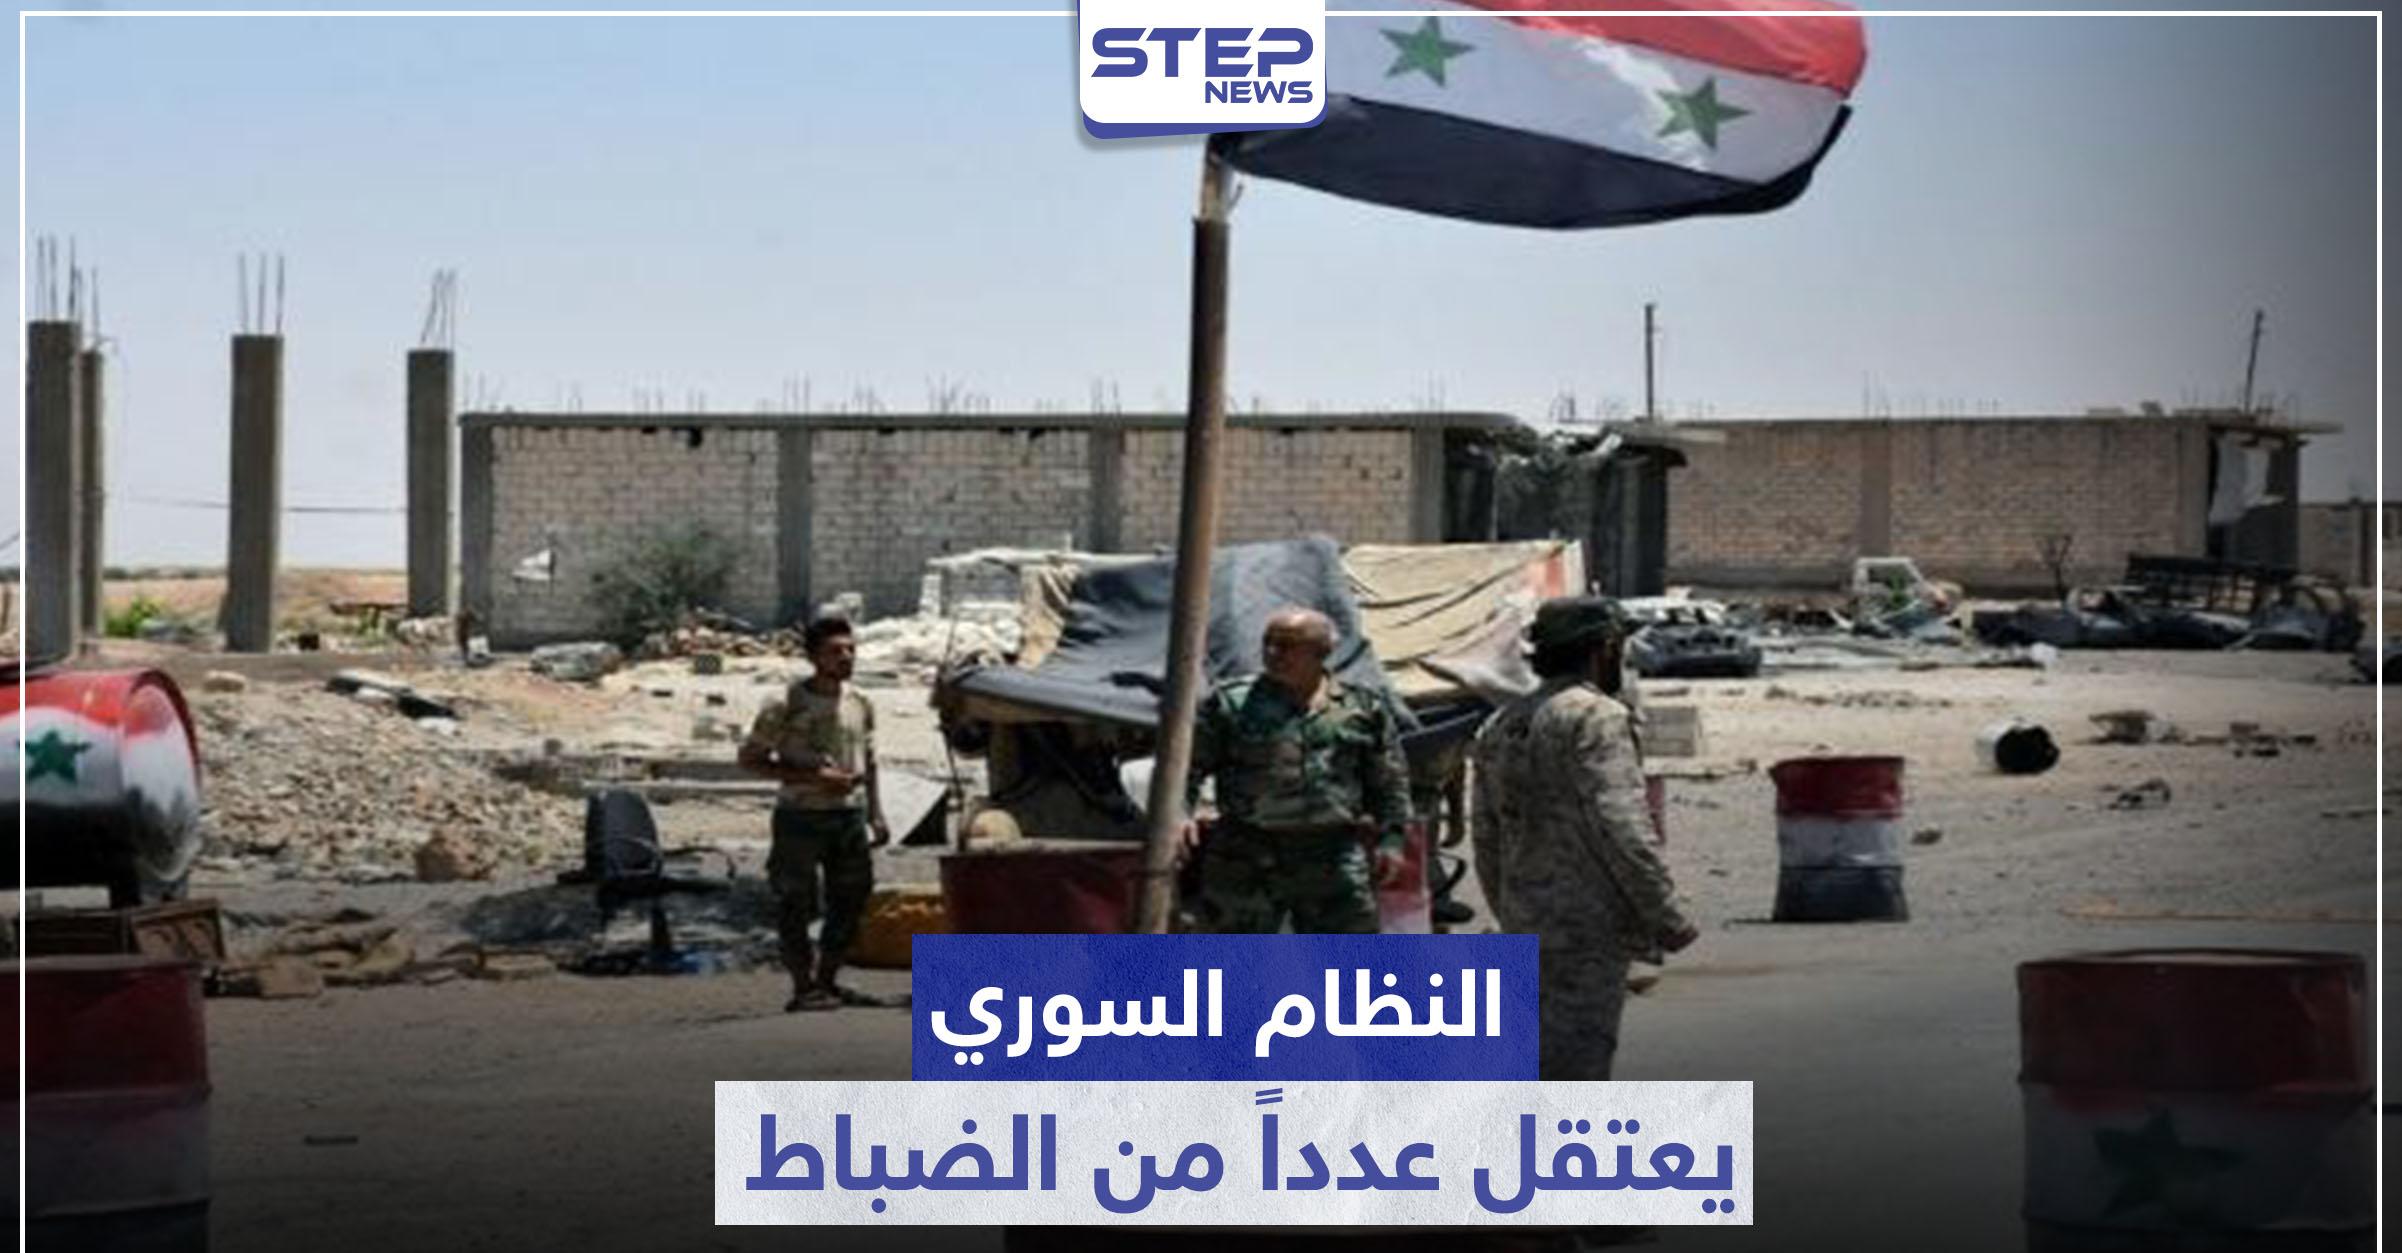 النظام السوري يعتقل عدداً من الضباط في قواته